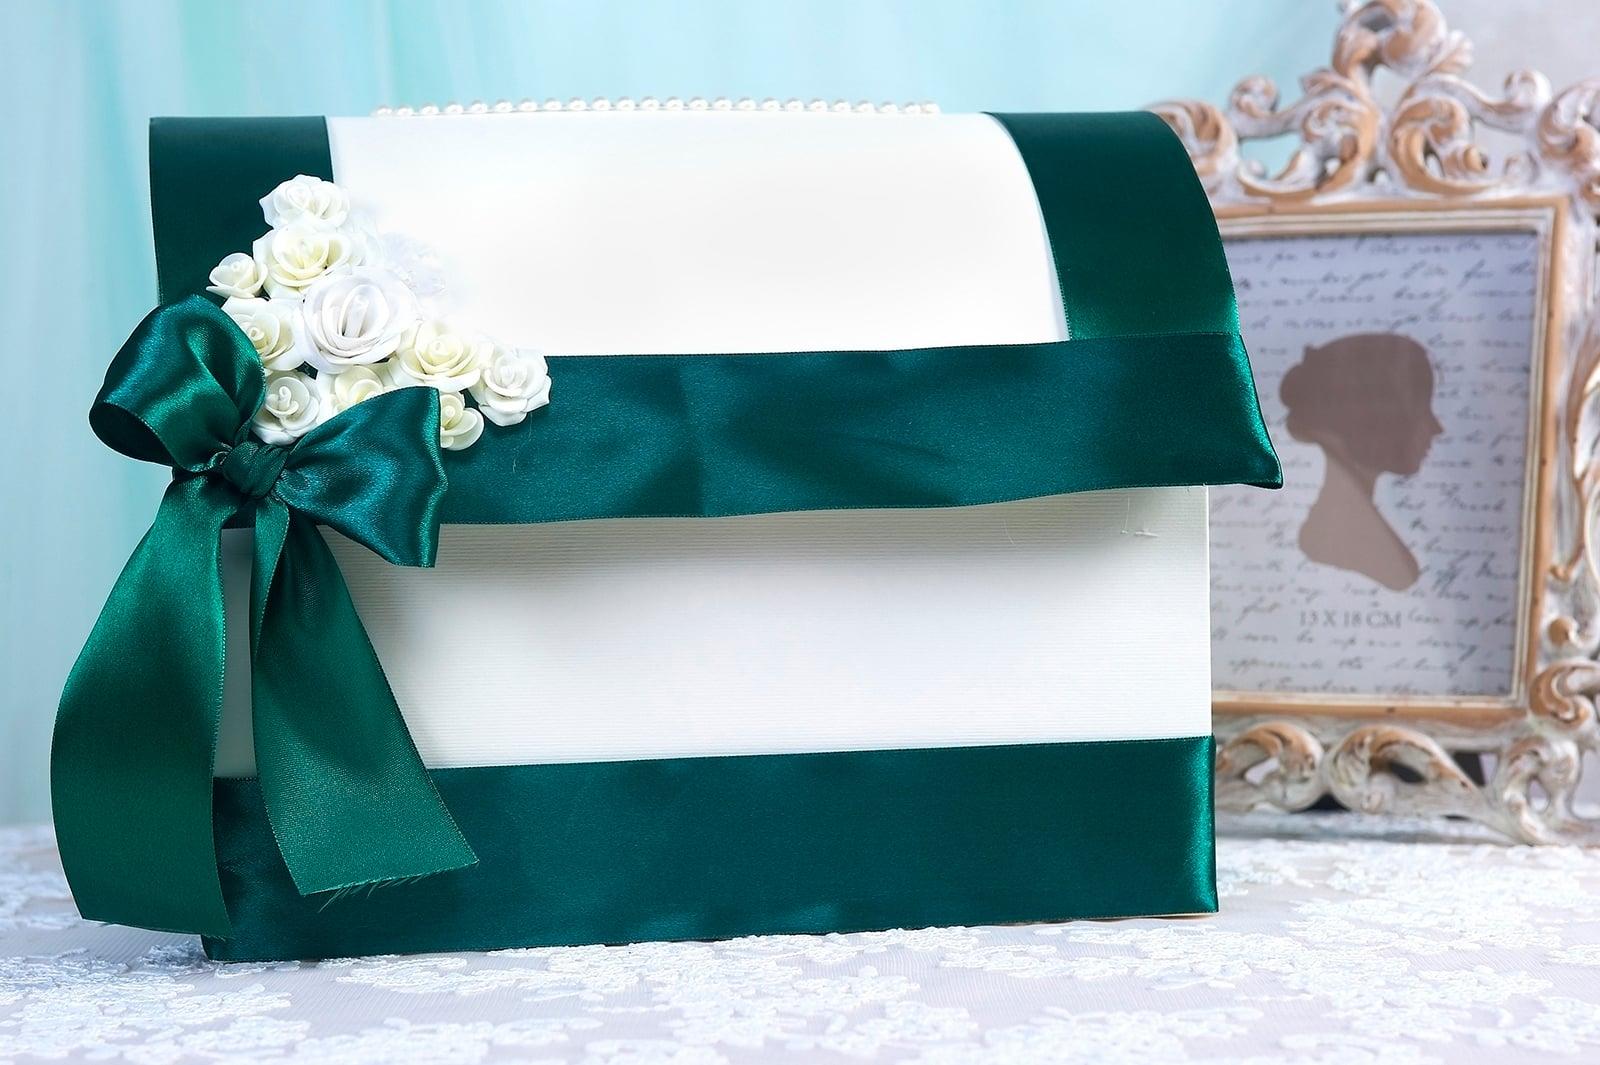 Свадебная корзинка белого цвета, украшенная изумрудной лентой.